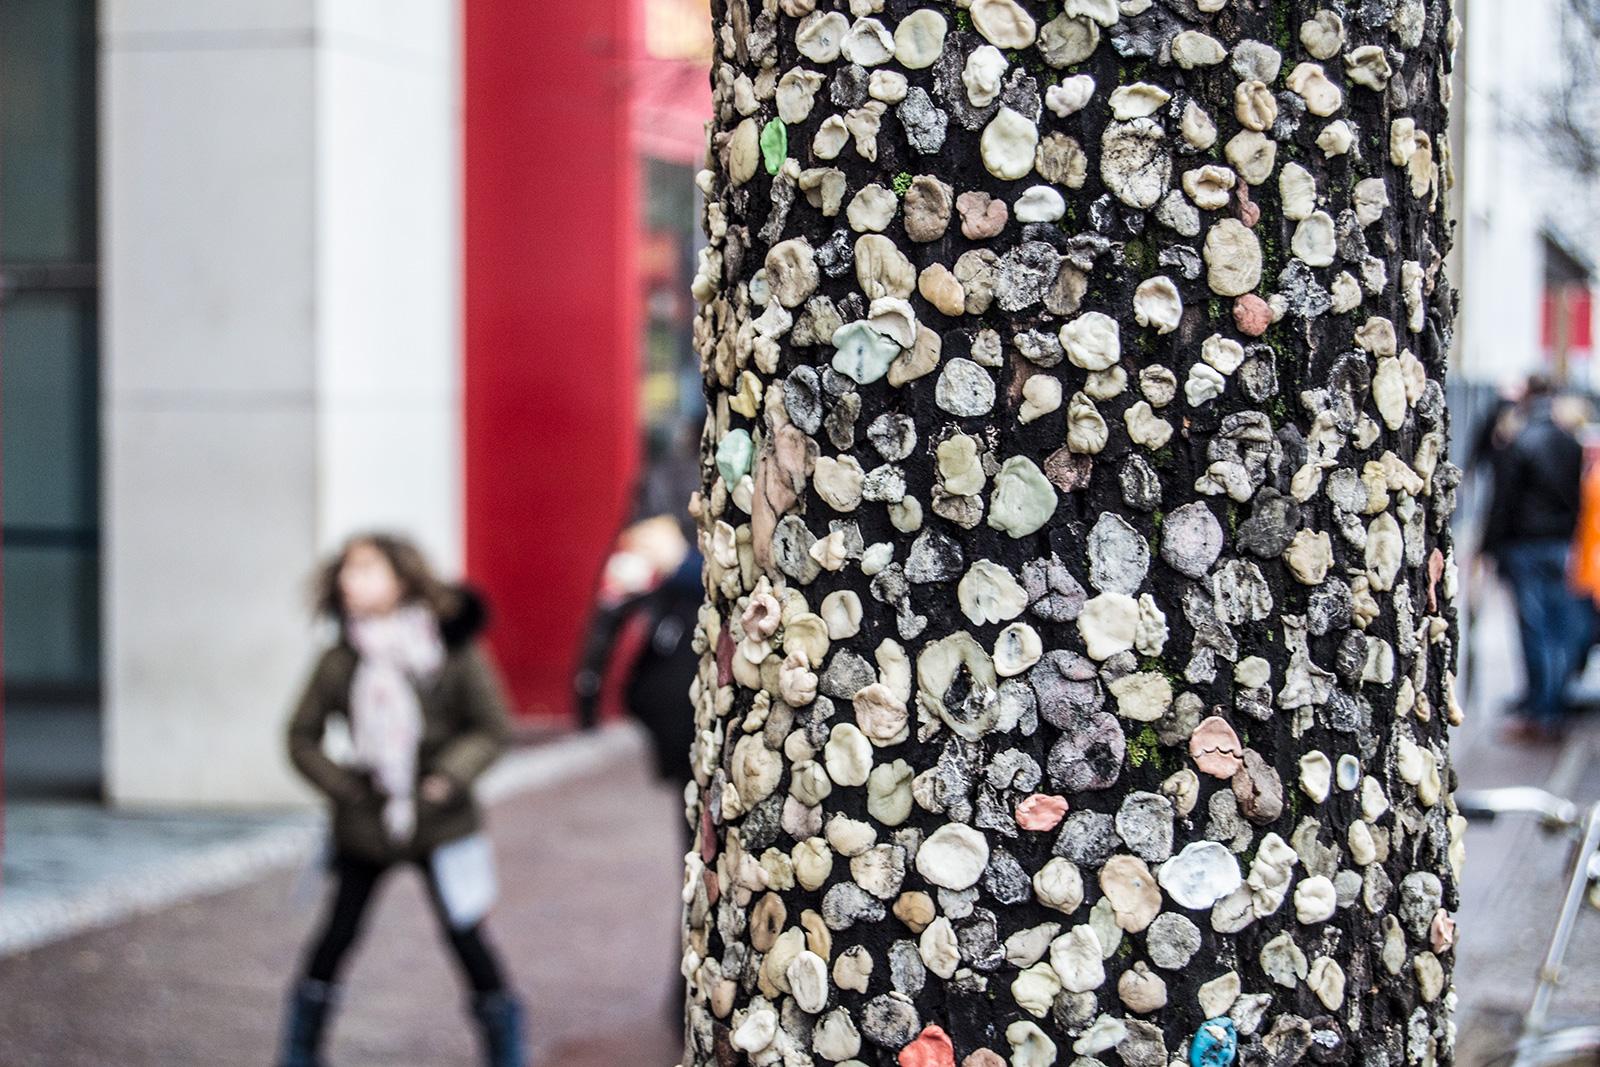 Muro completamente lleno de chicles